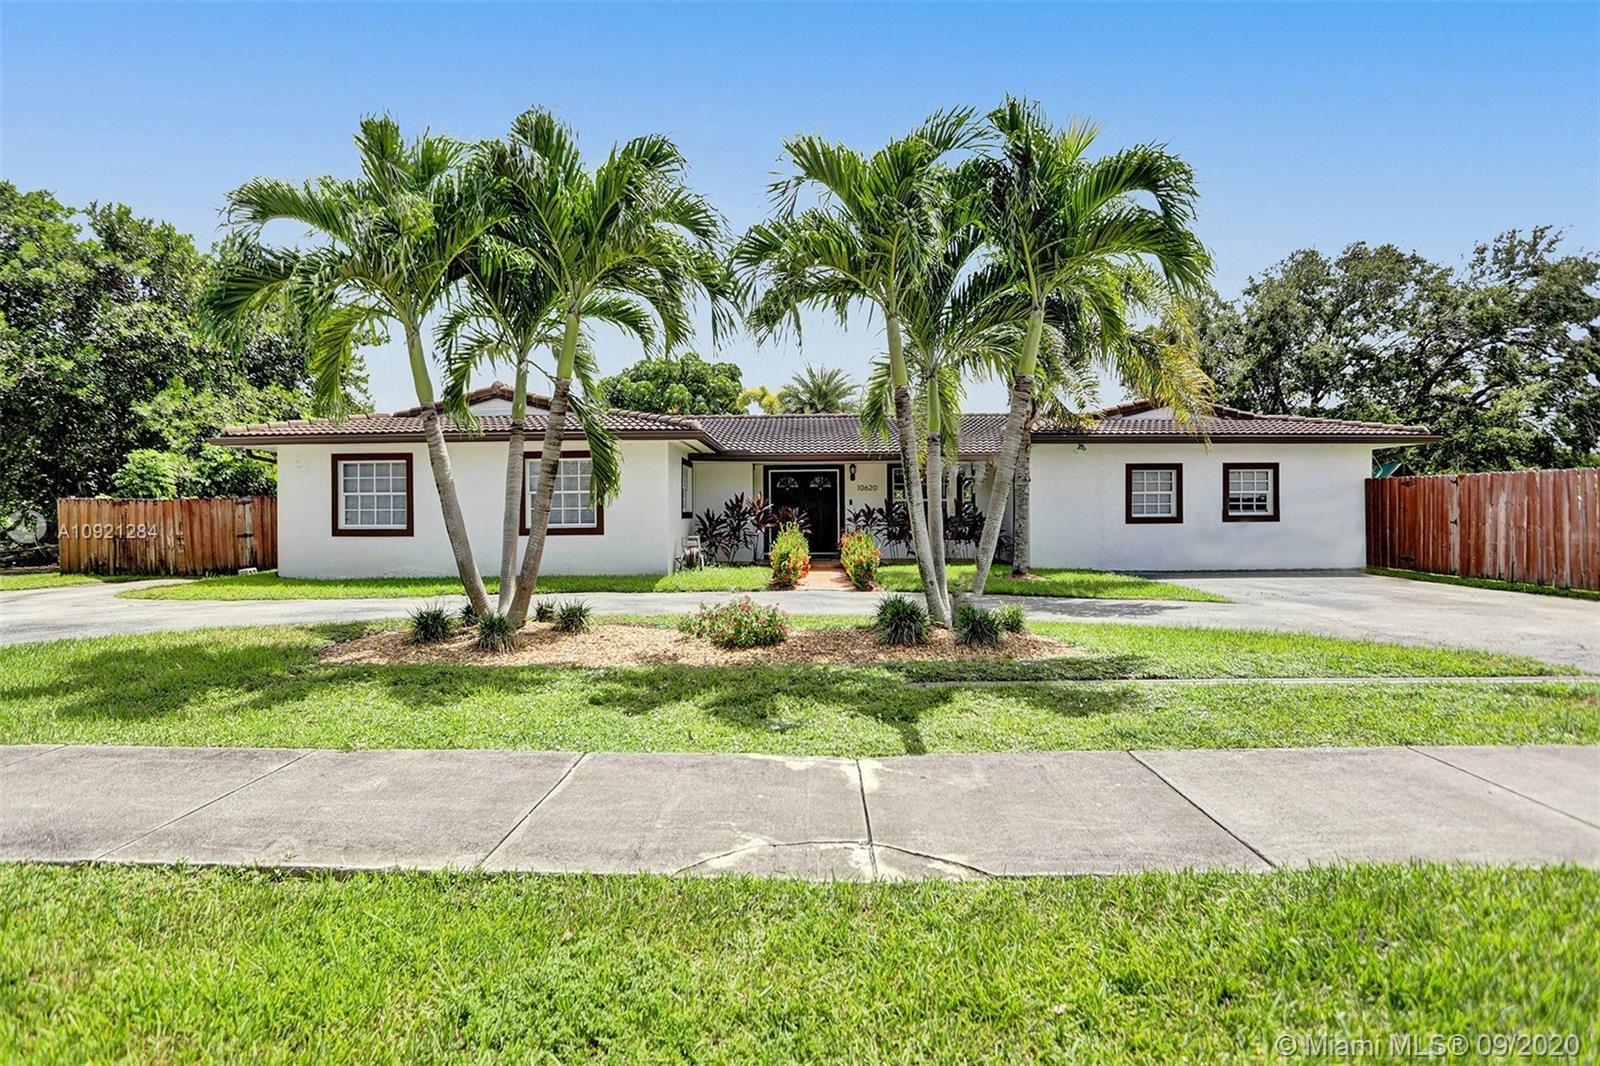 10620 SW 112th St, Miami, FL 33176 - #: A10921284